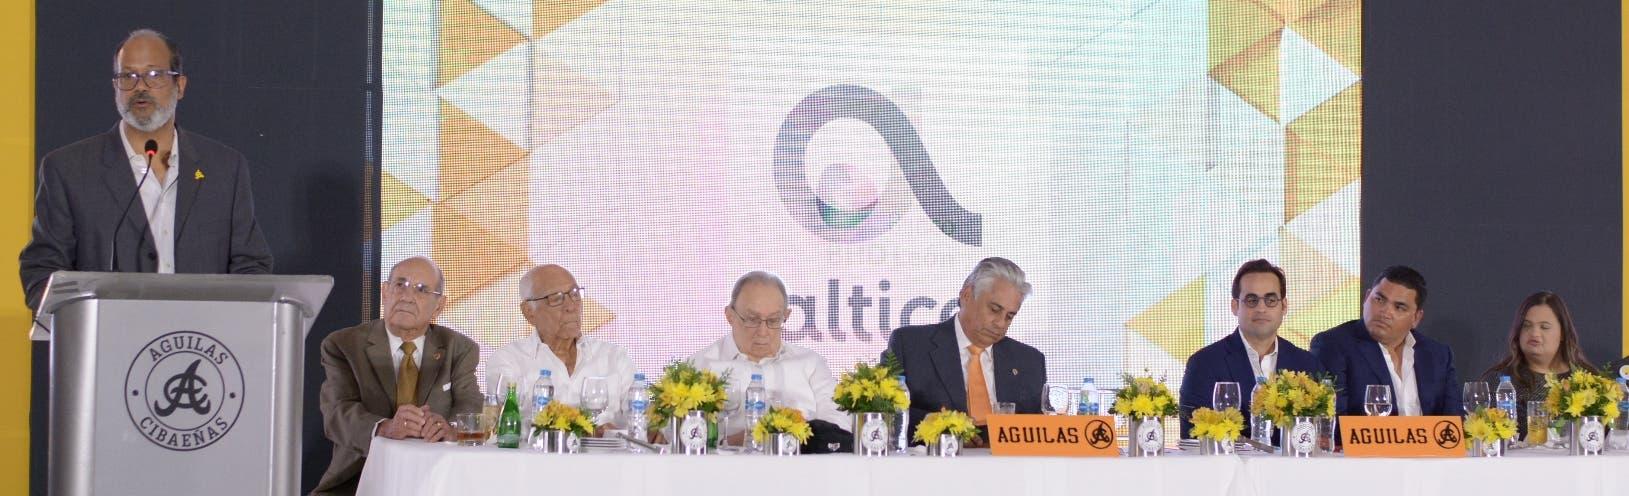 Adriano Valdez Russo, presidente de las Águilas, ofreció el discurso central de la conferencia de prensa. fuente externa